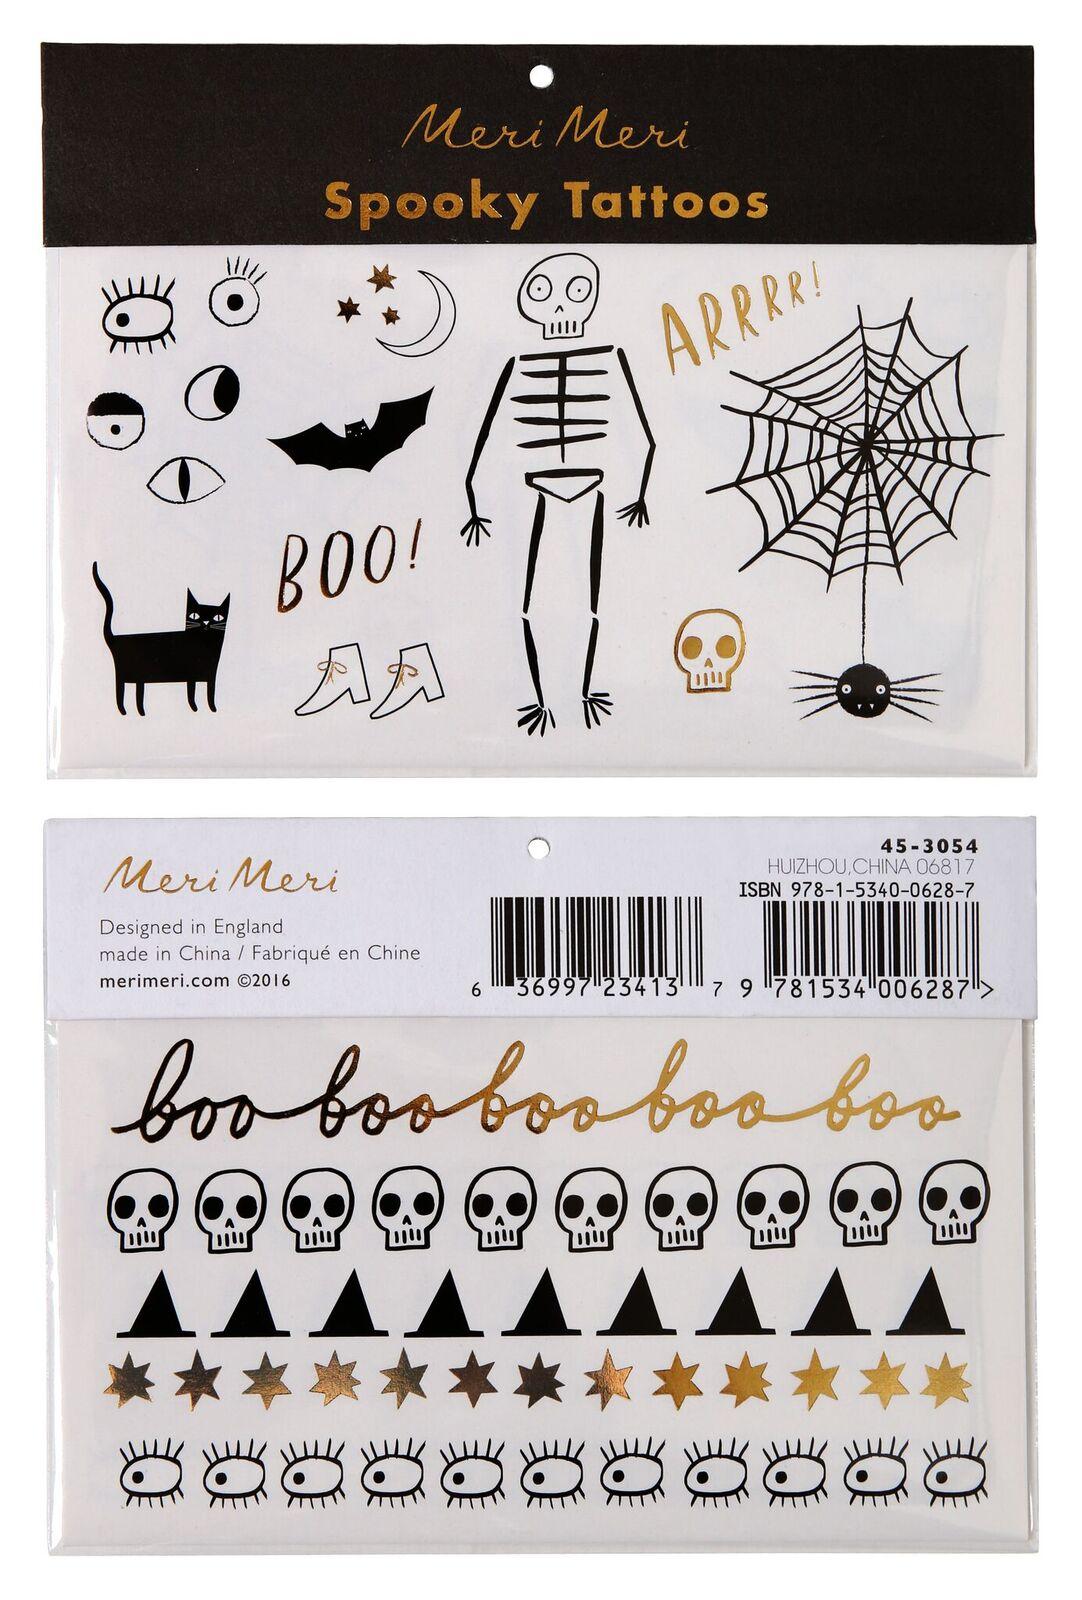 Meri Meri Spooky Tattoos